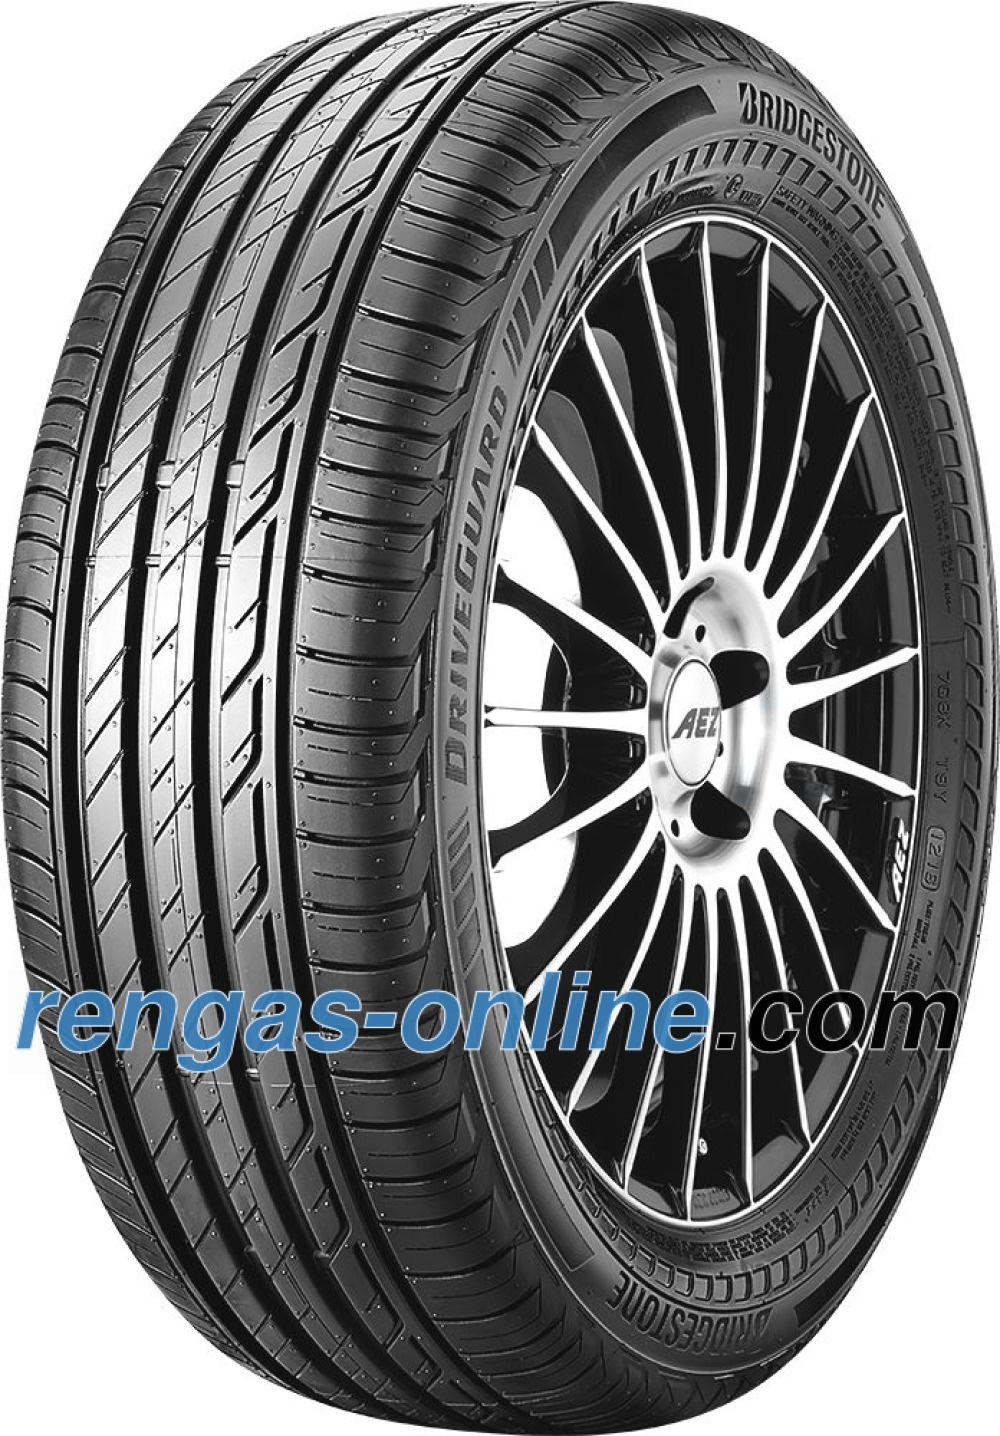 bridgestone-driveguard-rft-22540-r18-92y-xl-runflat-vannesuojalla-mfs